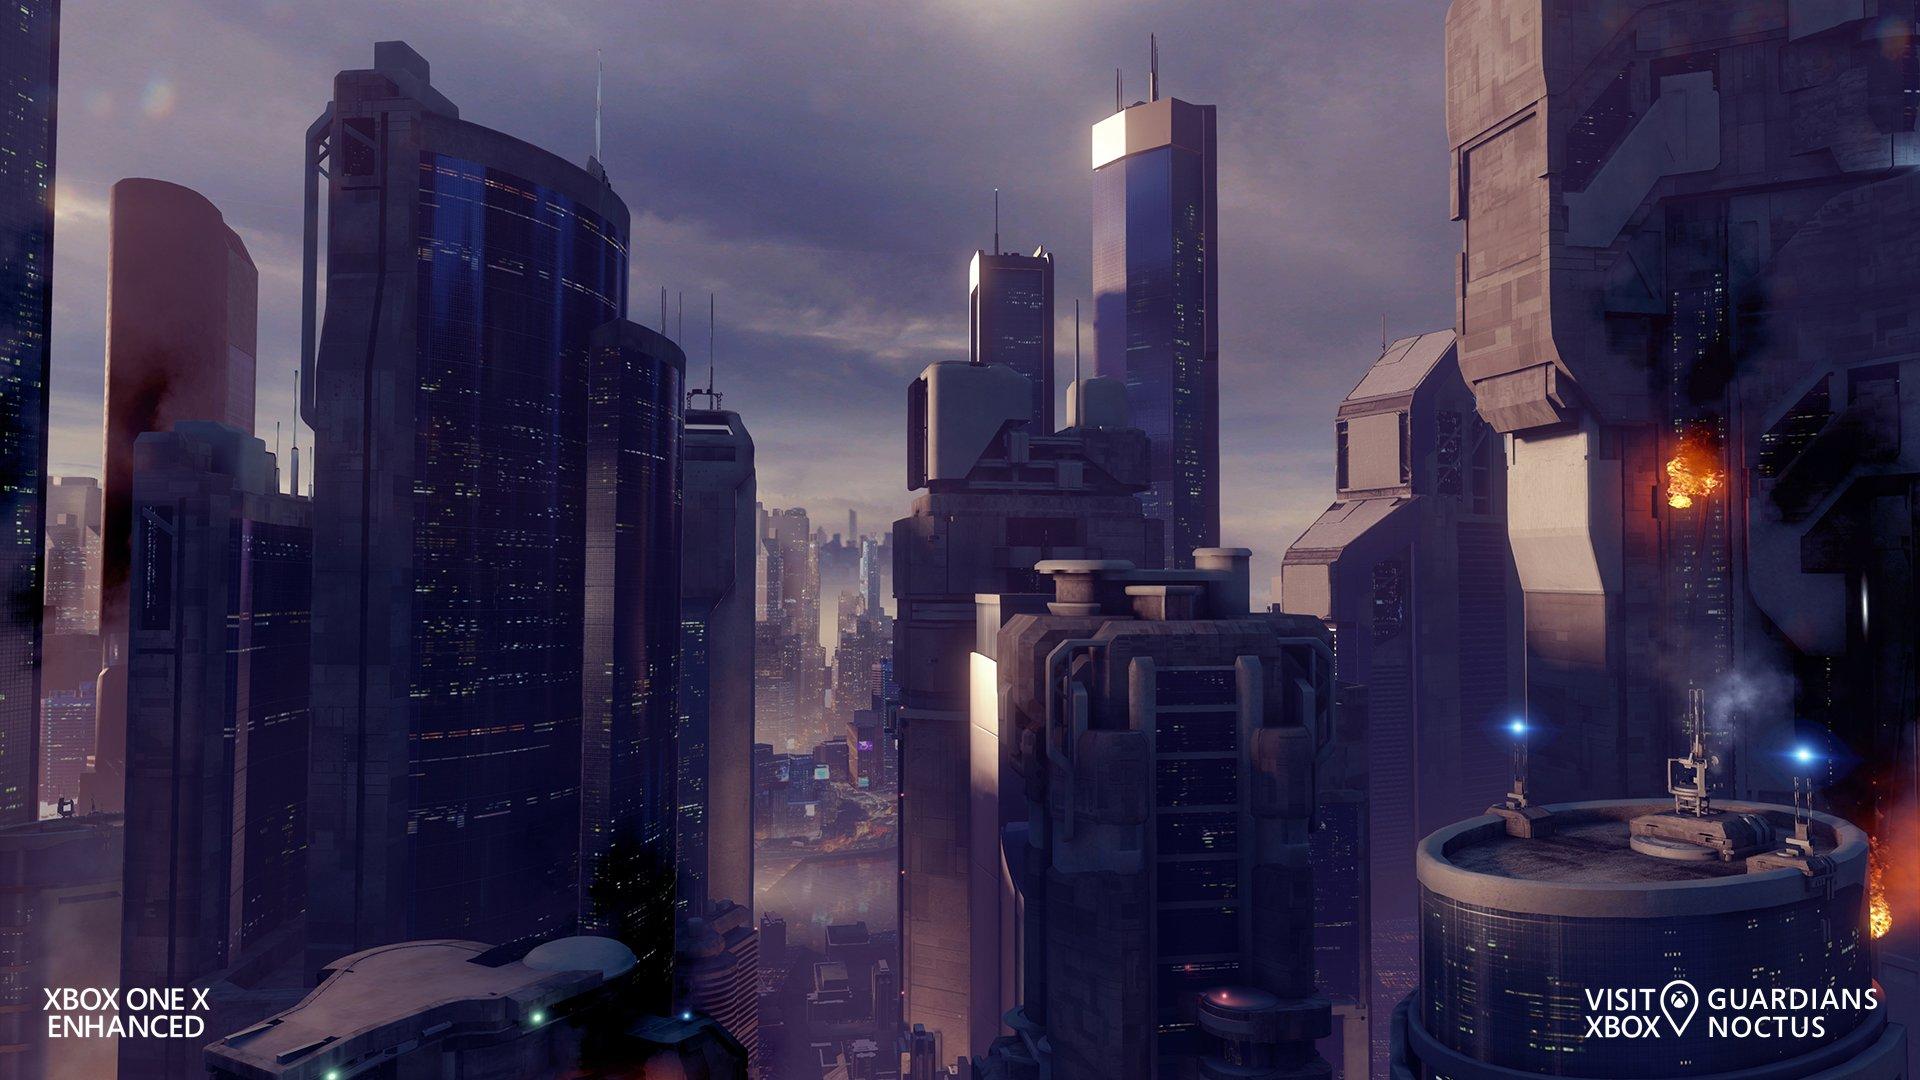 Halo 5 Guardians Noctus